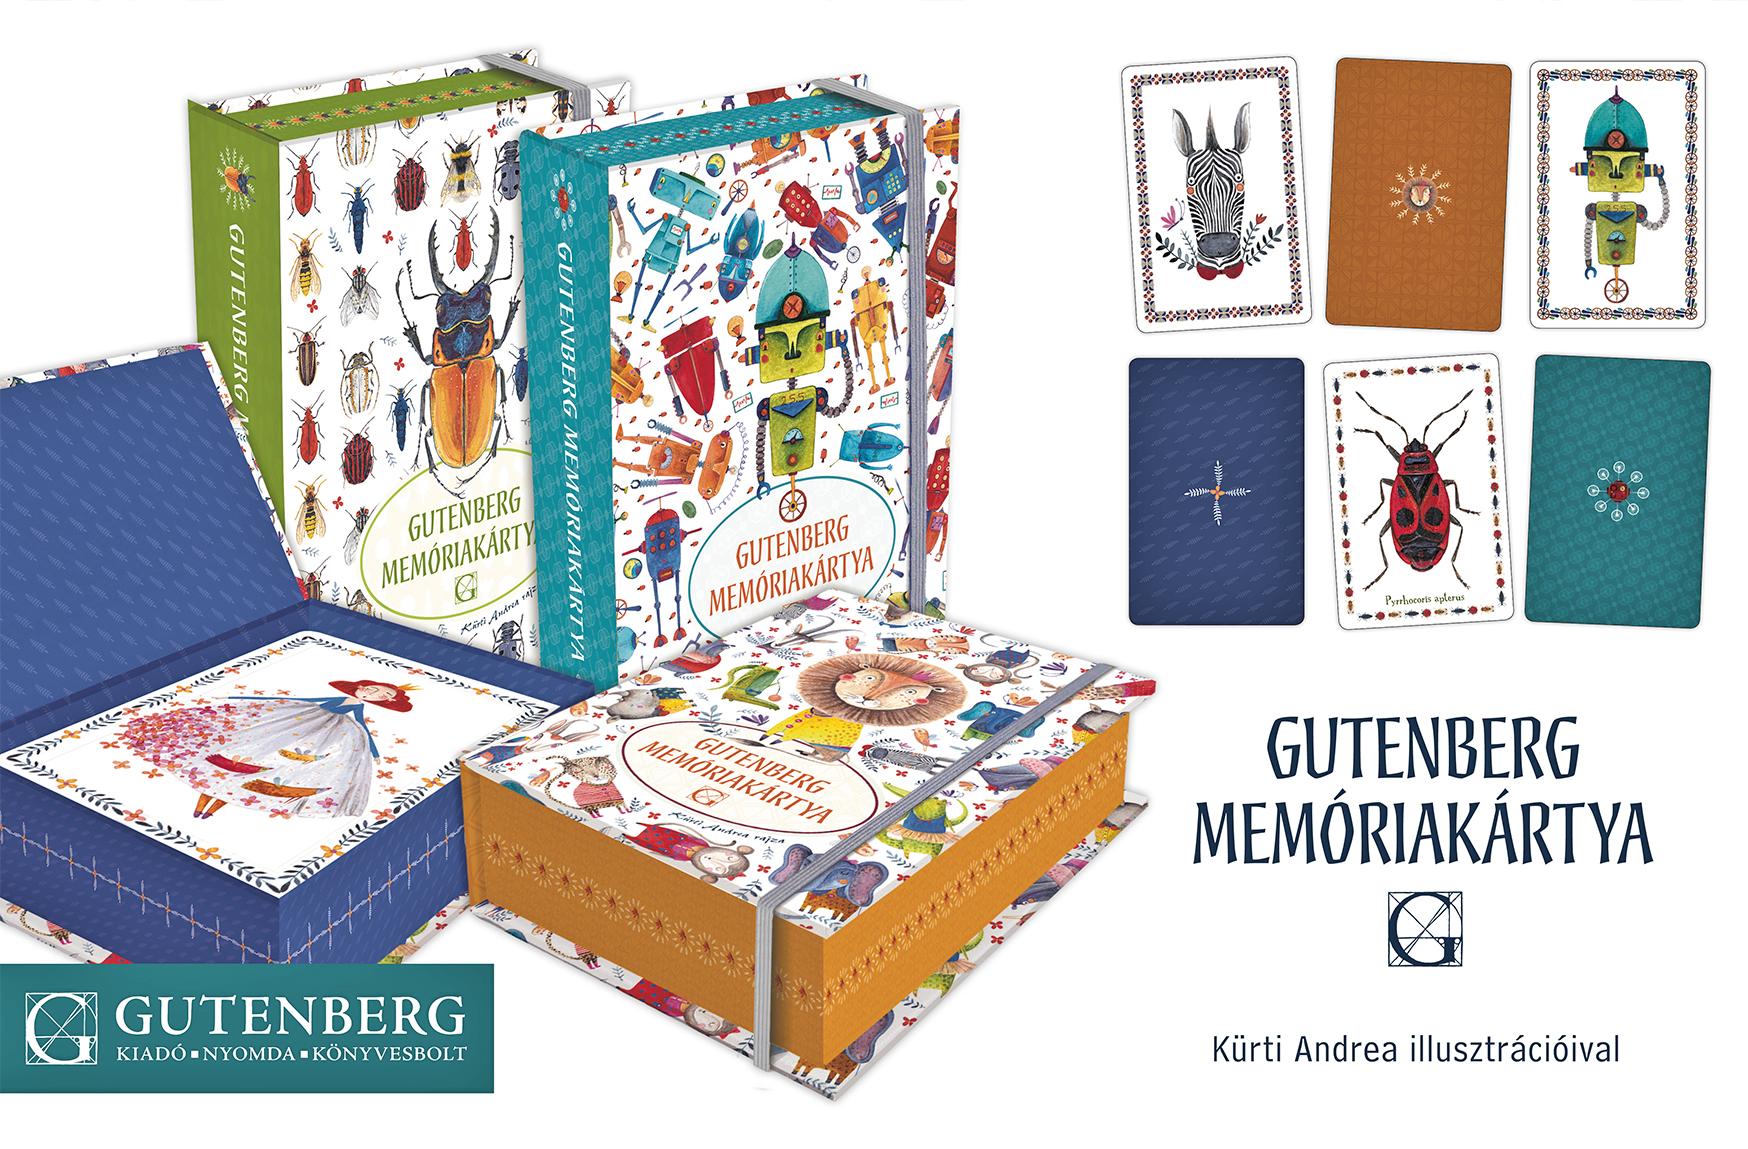 Gutenberg memóriakártya